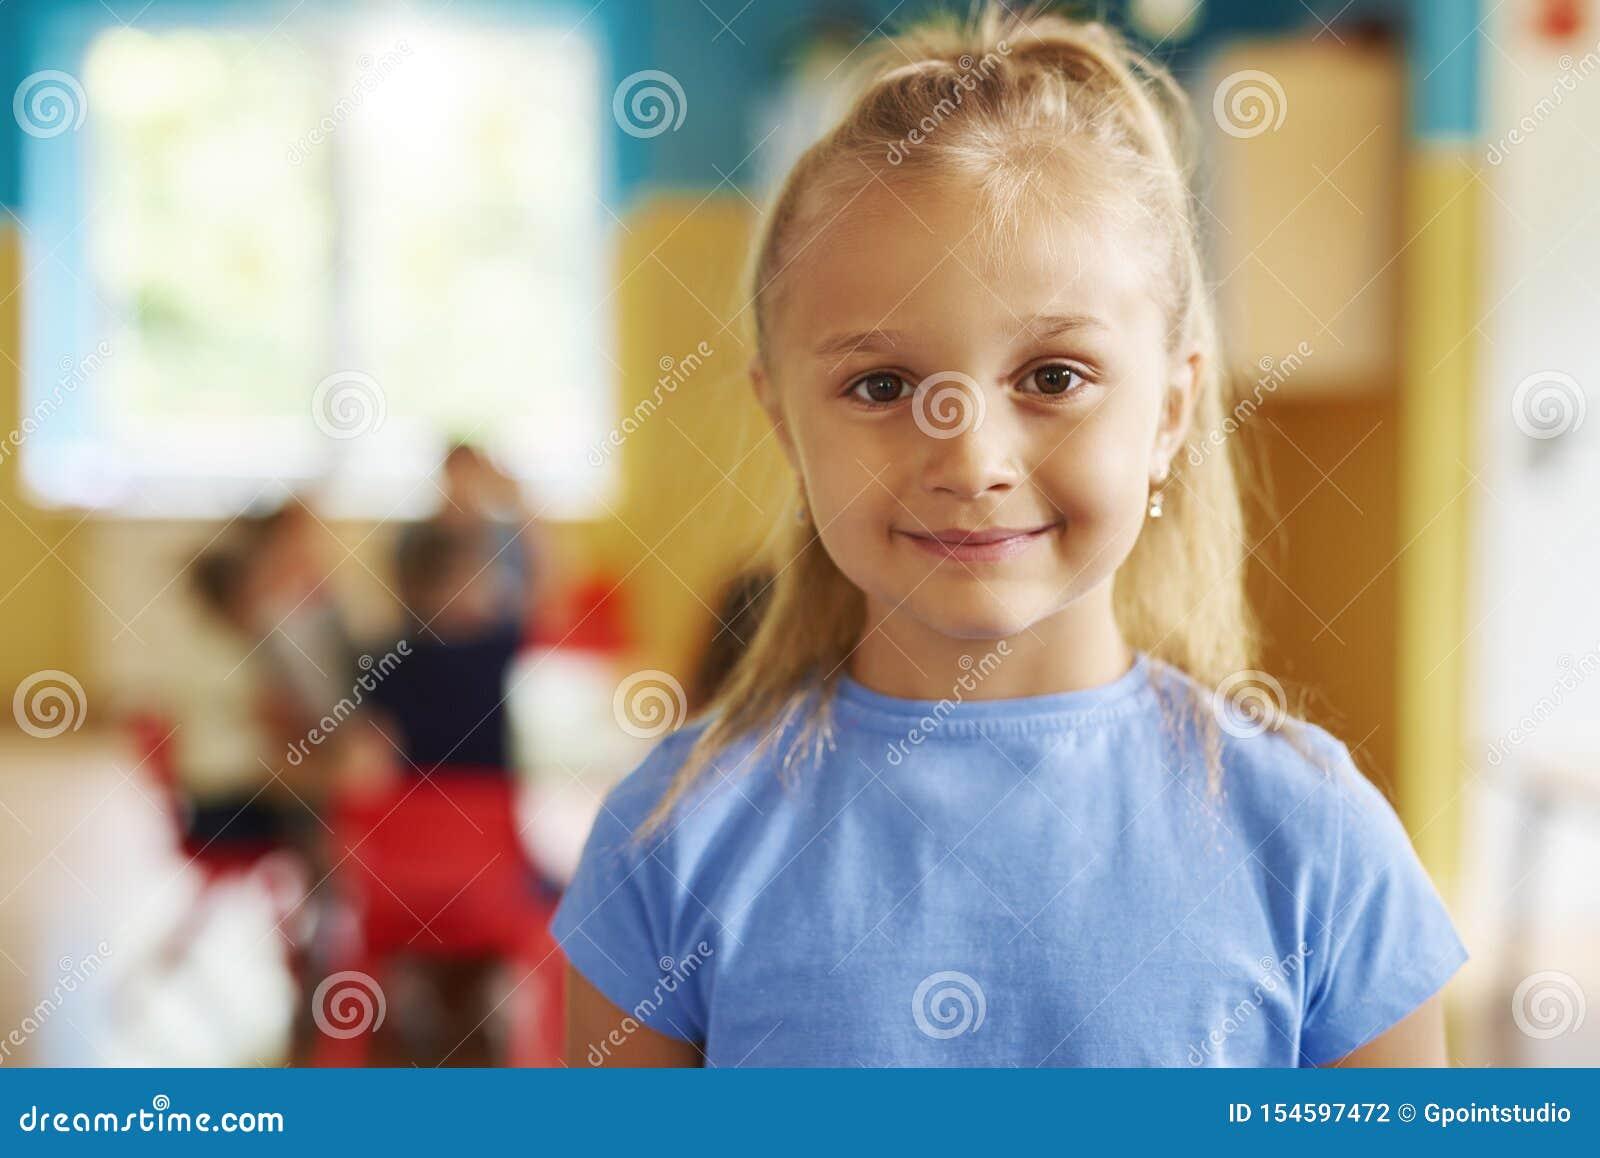 Portrait of happy preschool girl